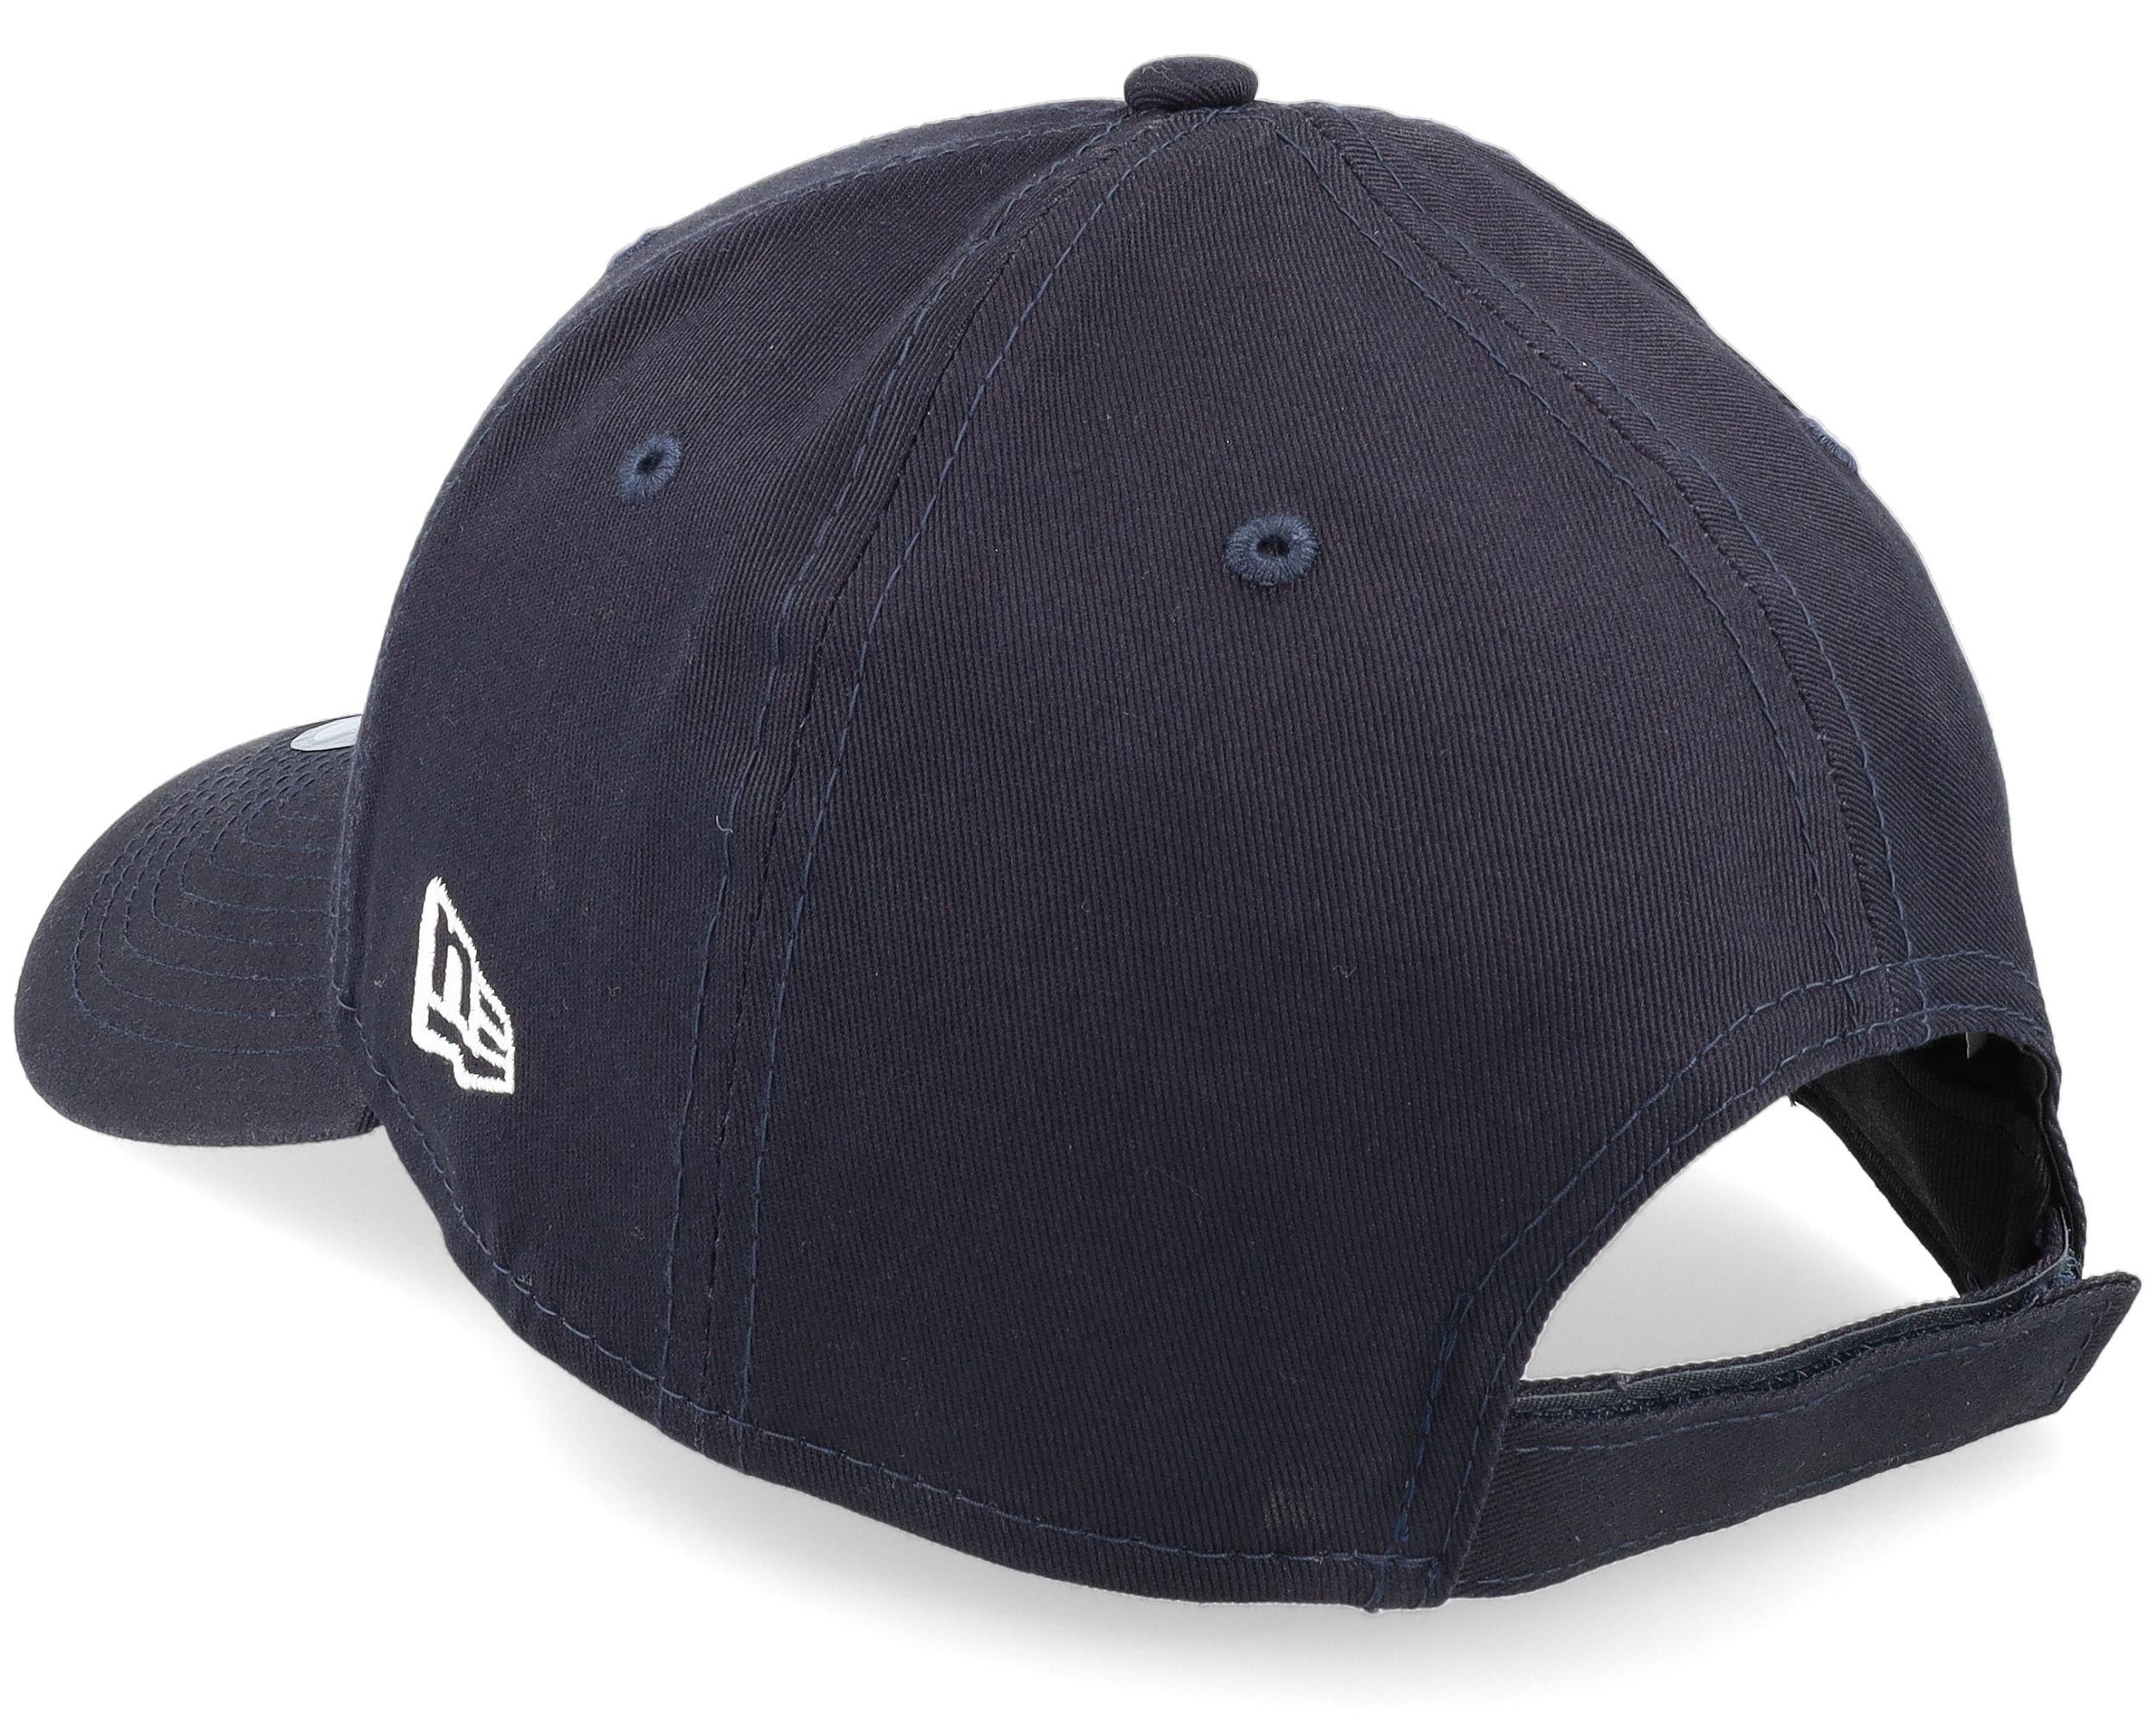 basic navy 940 adjustable new era cap. Black Bedroom Furniture Sets. Home Design Ideas